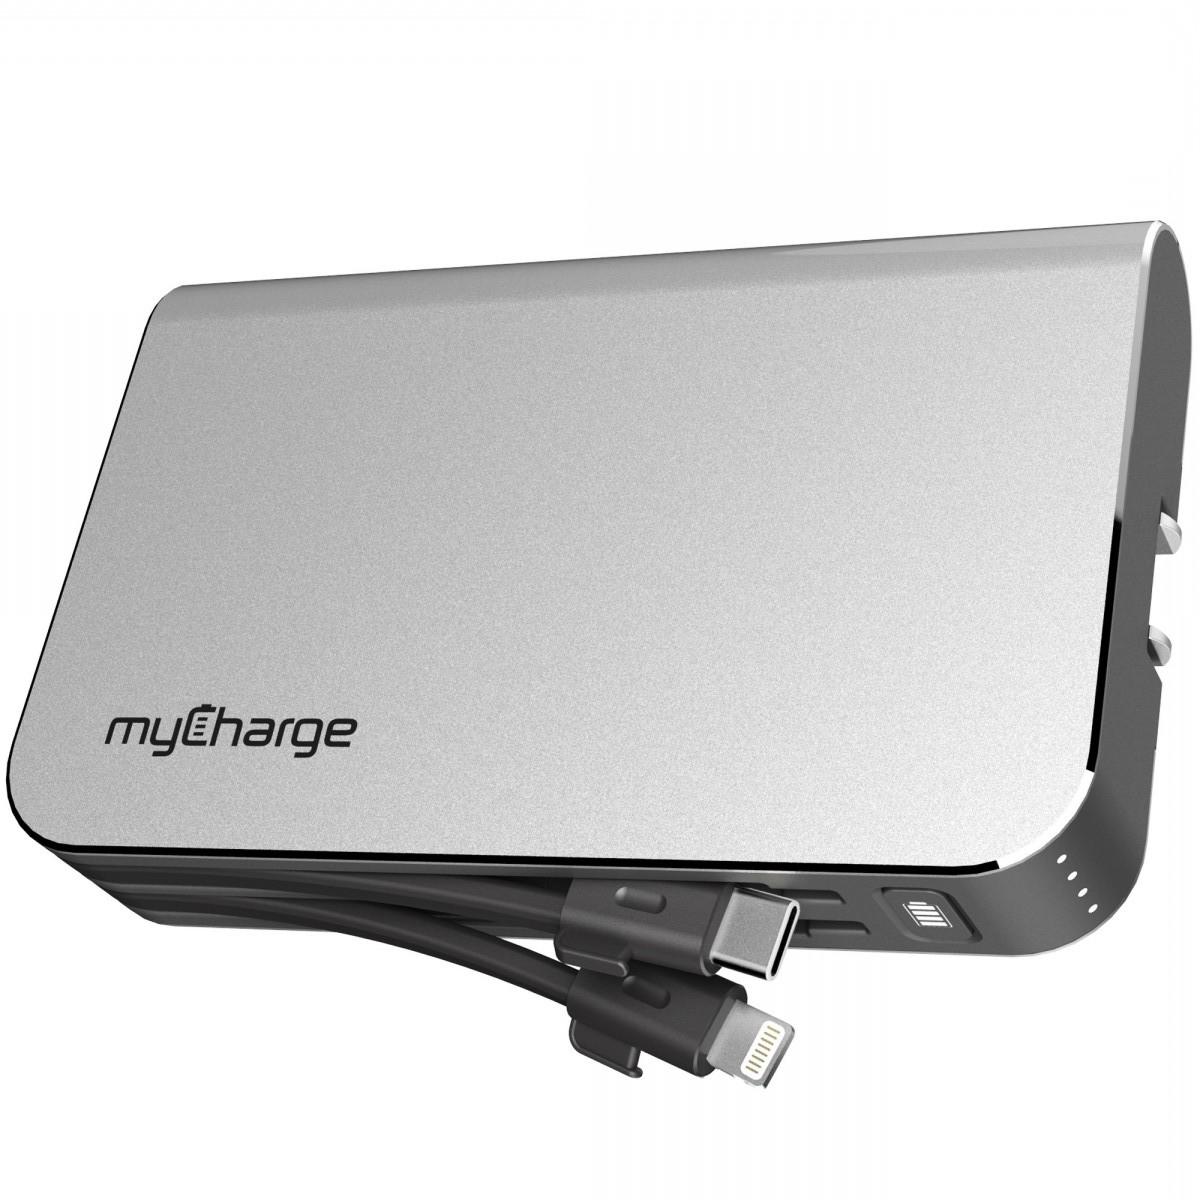 The myCharge HubPlus 6700mAh portable charger. Photo courtesy myCharge